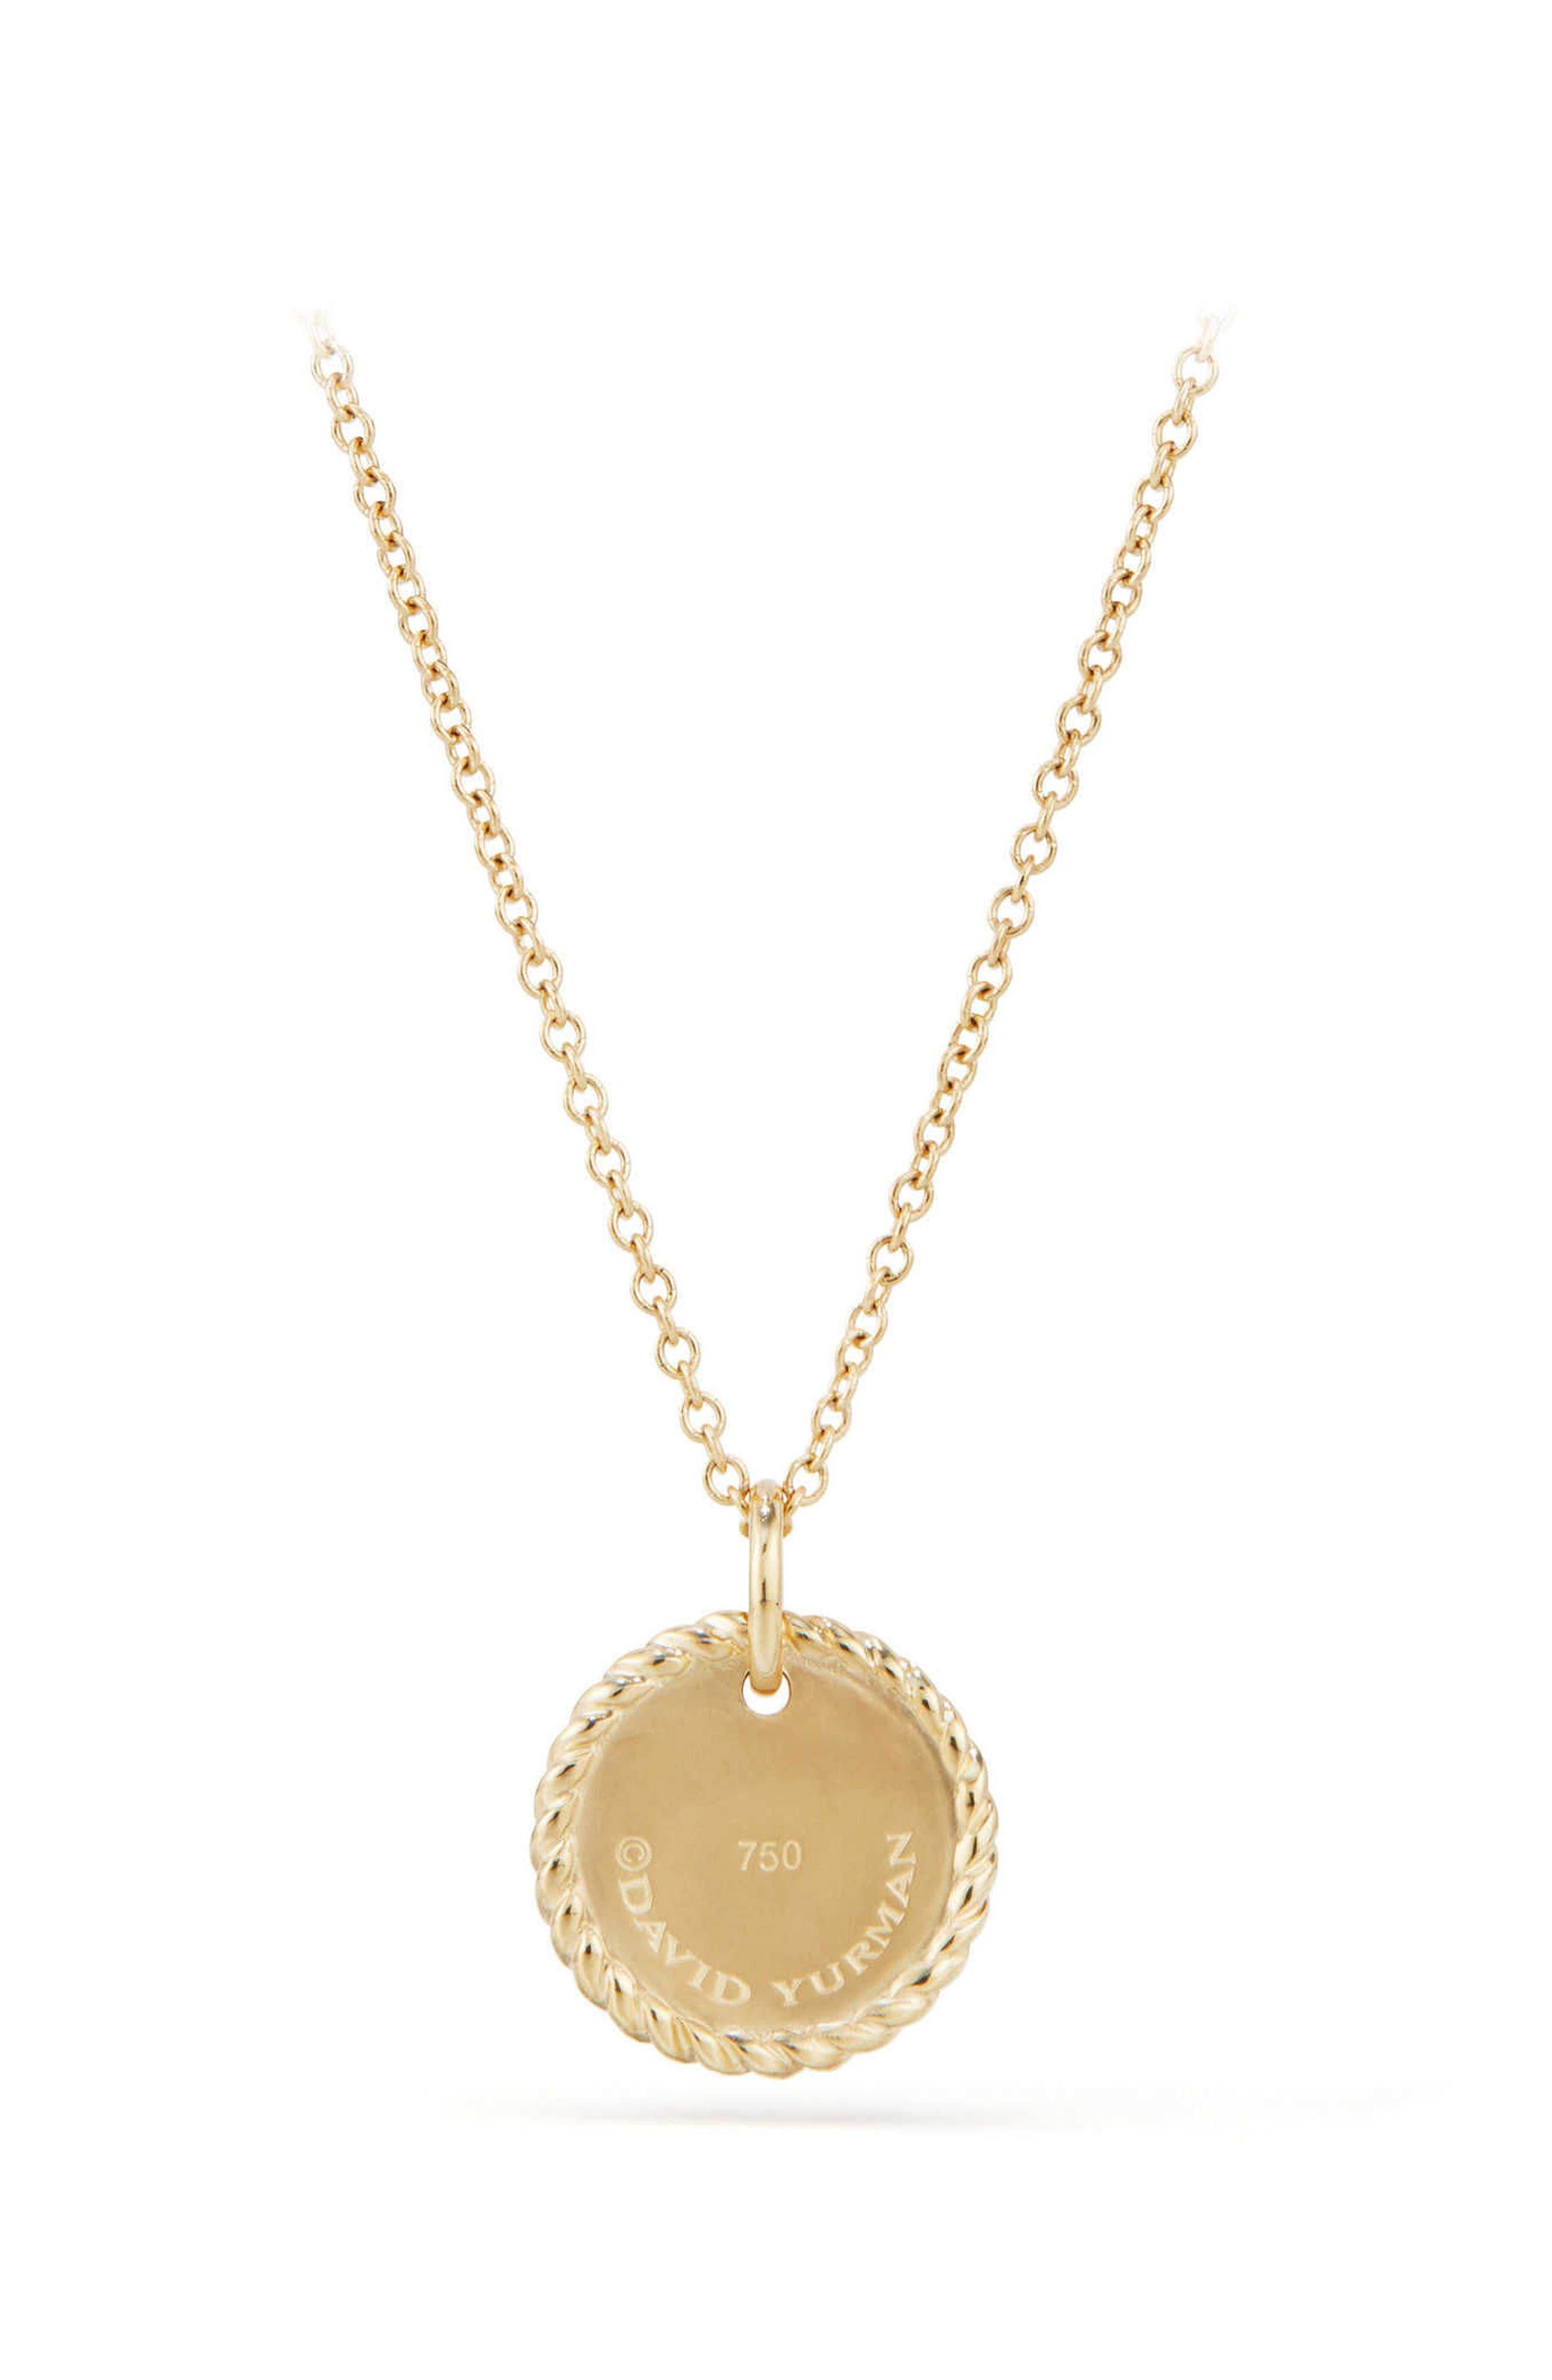 Cable Collectibles Fleur de Lis Necklace with Black Diamonds in 18K Gold,                             Alternate thumbnail 2, color,                             Gold/ Black Diamond